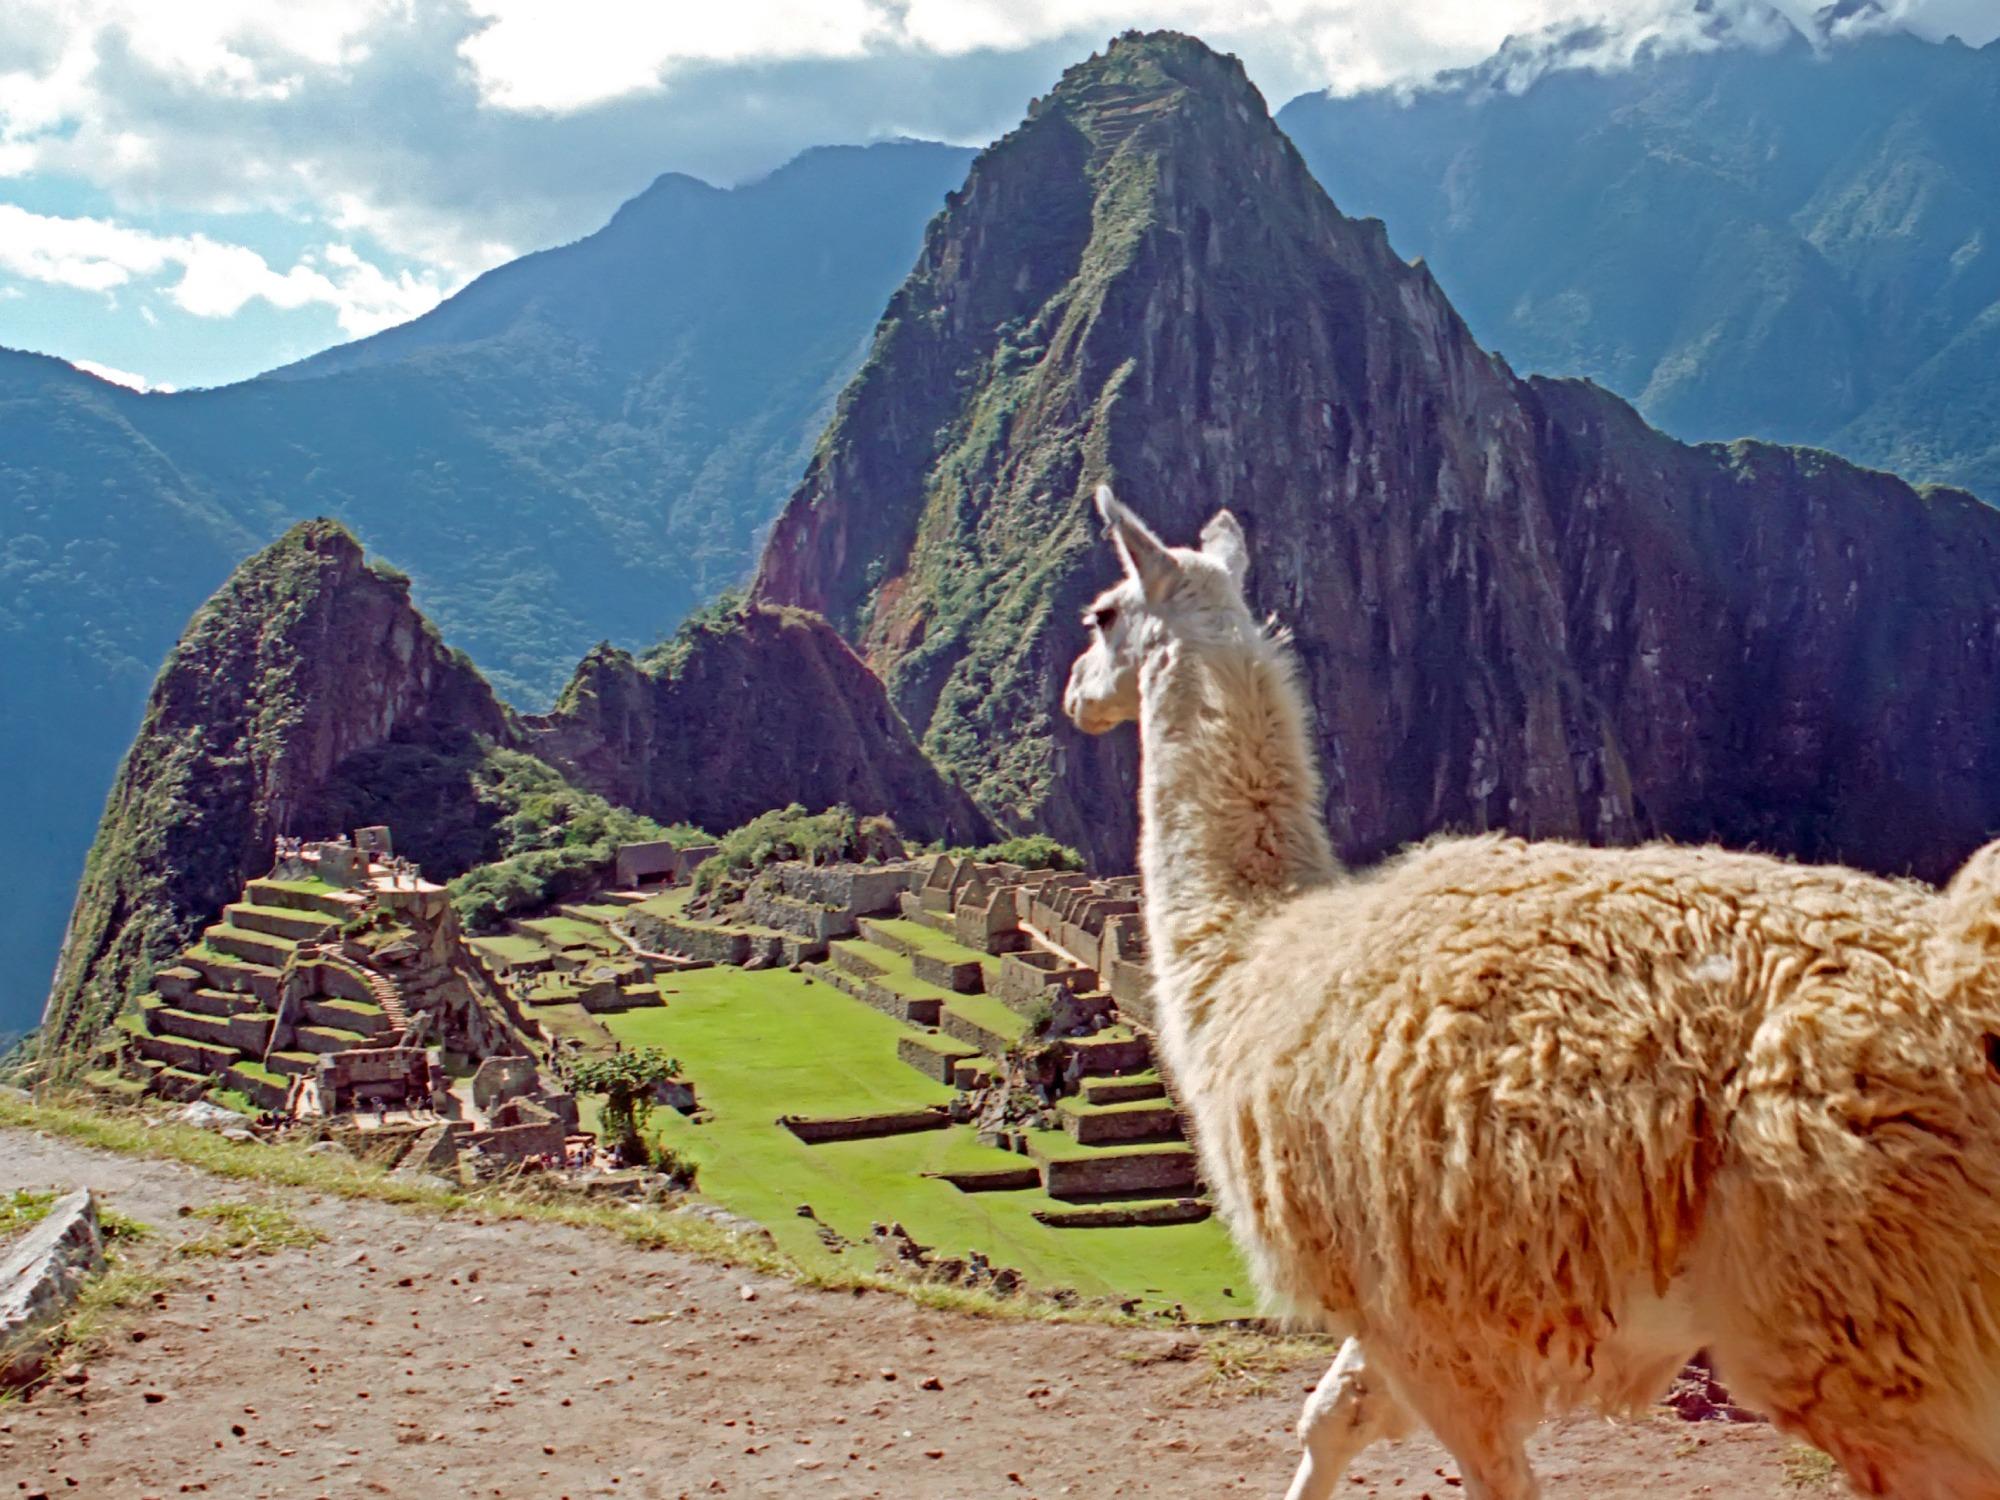 Peru reis - Lama bij Machu Picchu